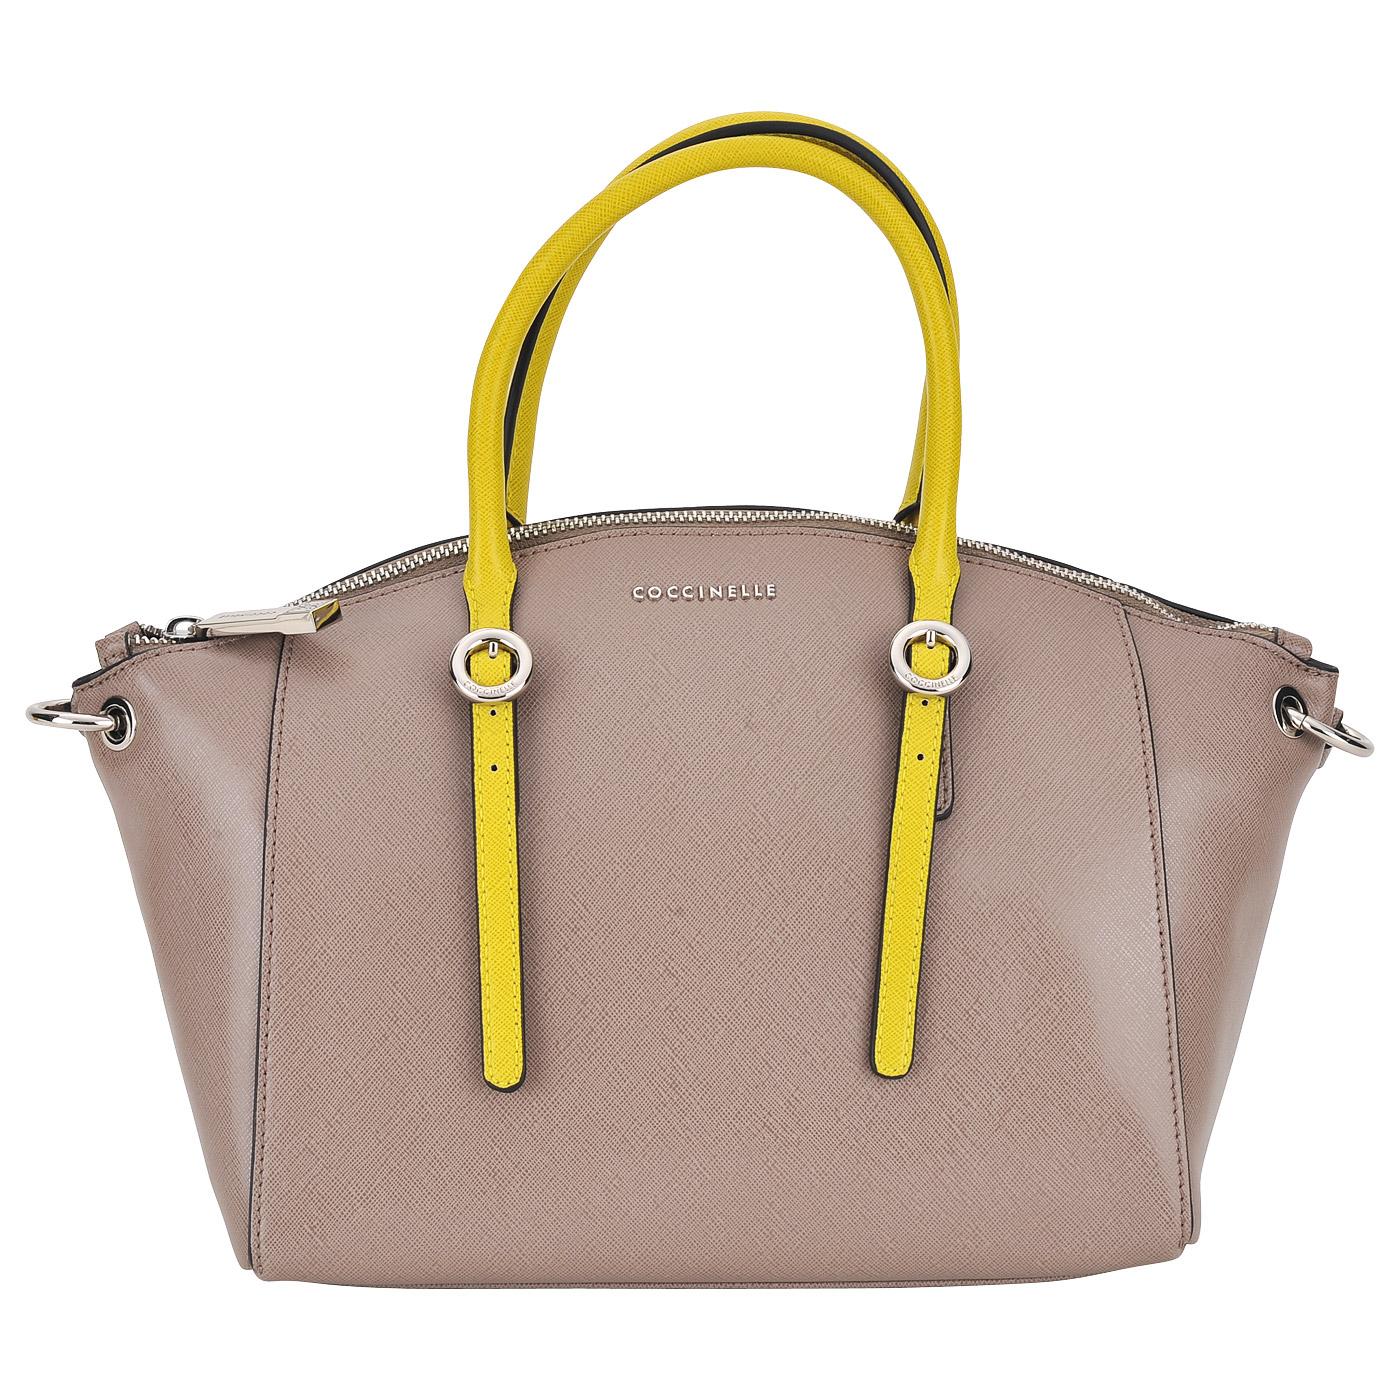 СумкаКлассические сумки<br>Съемный регулируемый плечевой ремешок.  Закрывается на молнию. Внутри одно отделение, в котором карман на молнии и два кармашка для мелочей.<br><br>count_sale: 0<br>new: 0<br>sale: 0